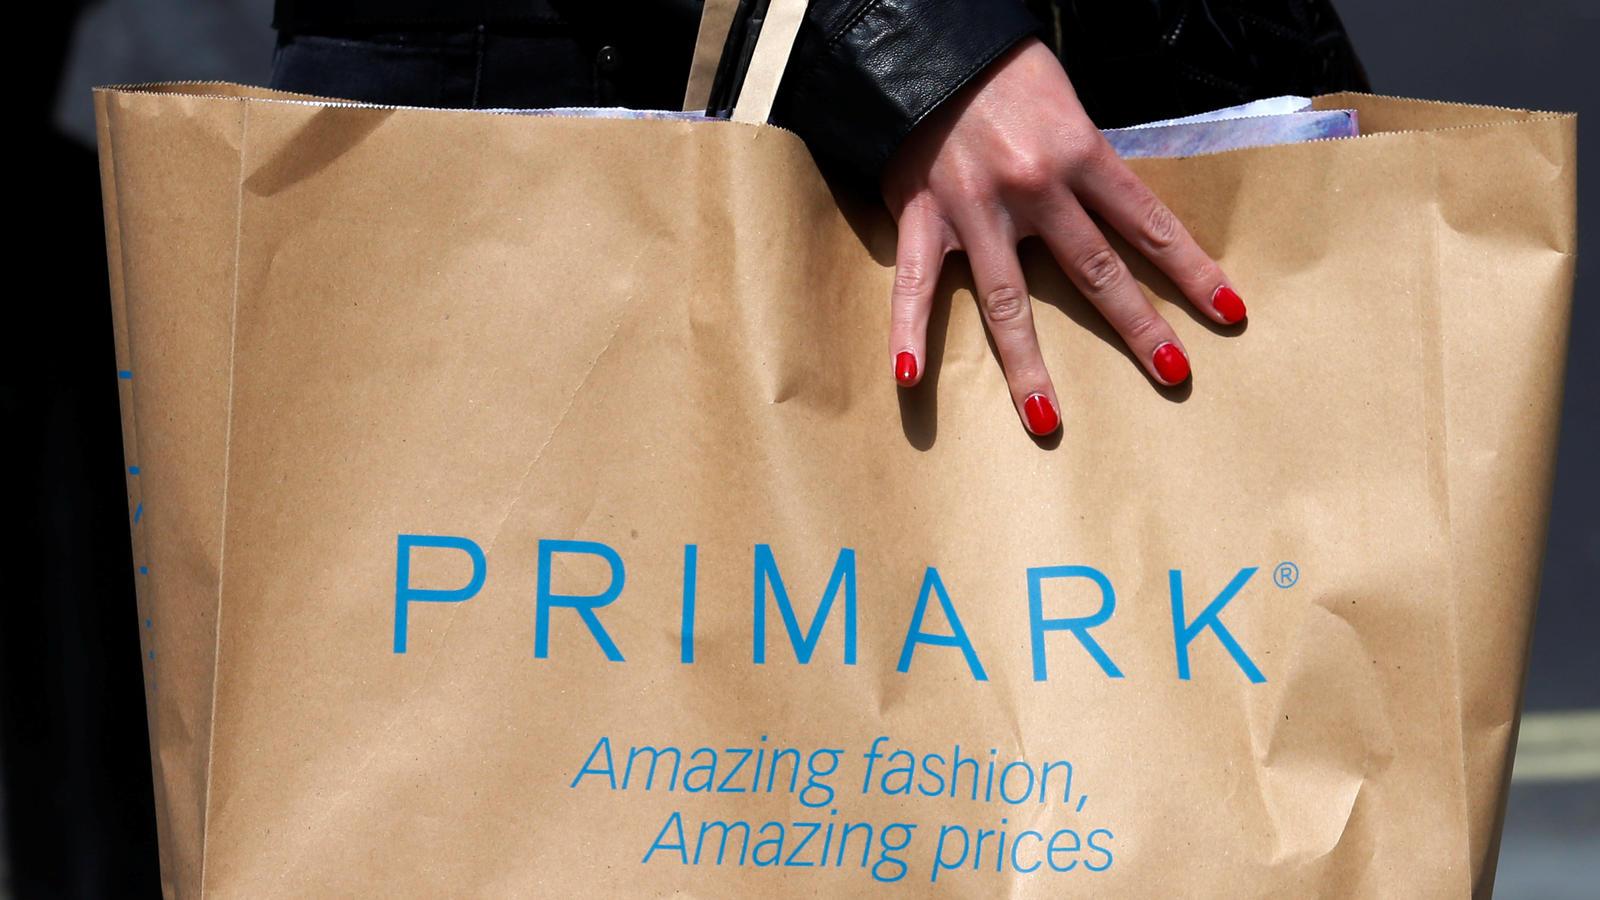 Die Modediscounterkette Primark sorgt mit ihrer Produkten wieder  mal für Kritik.